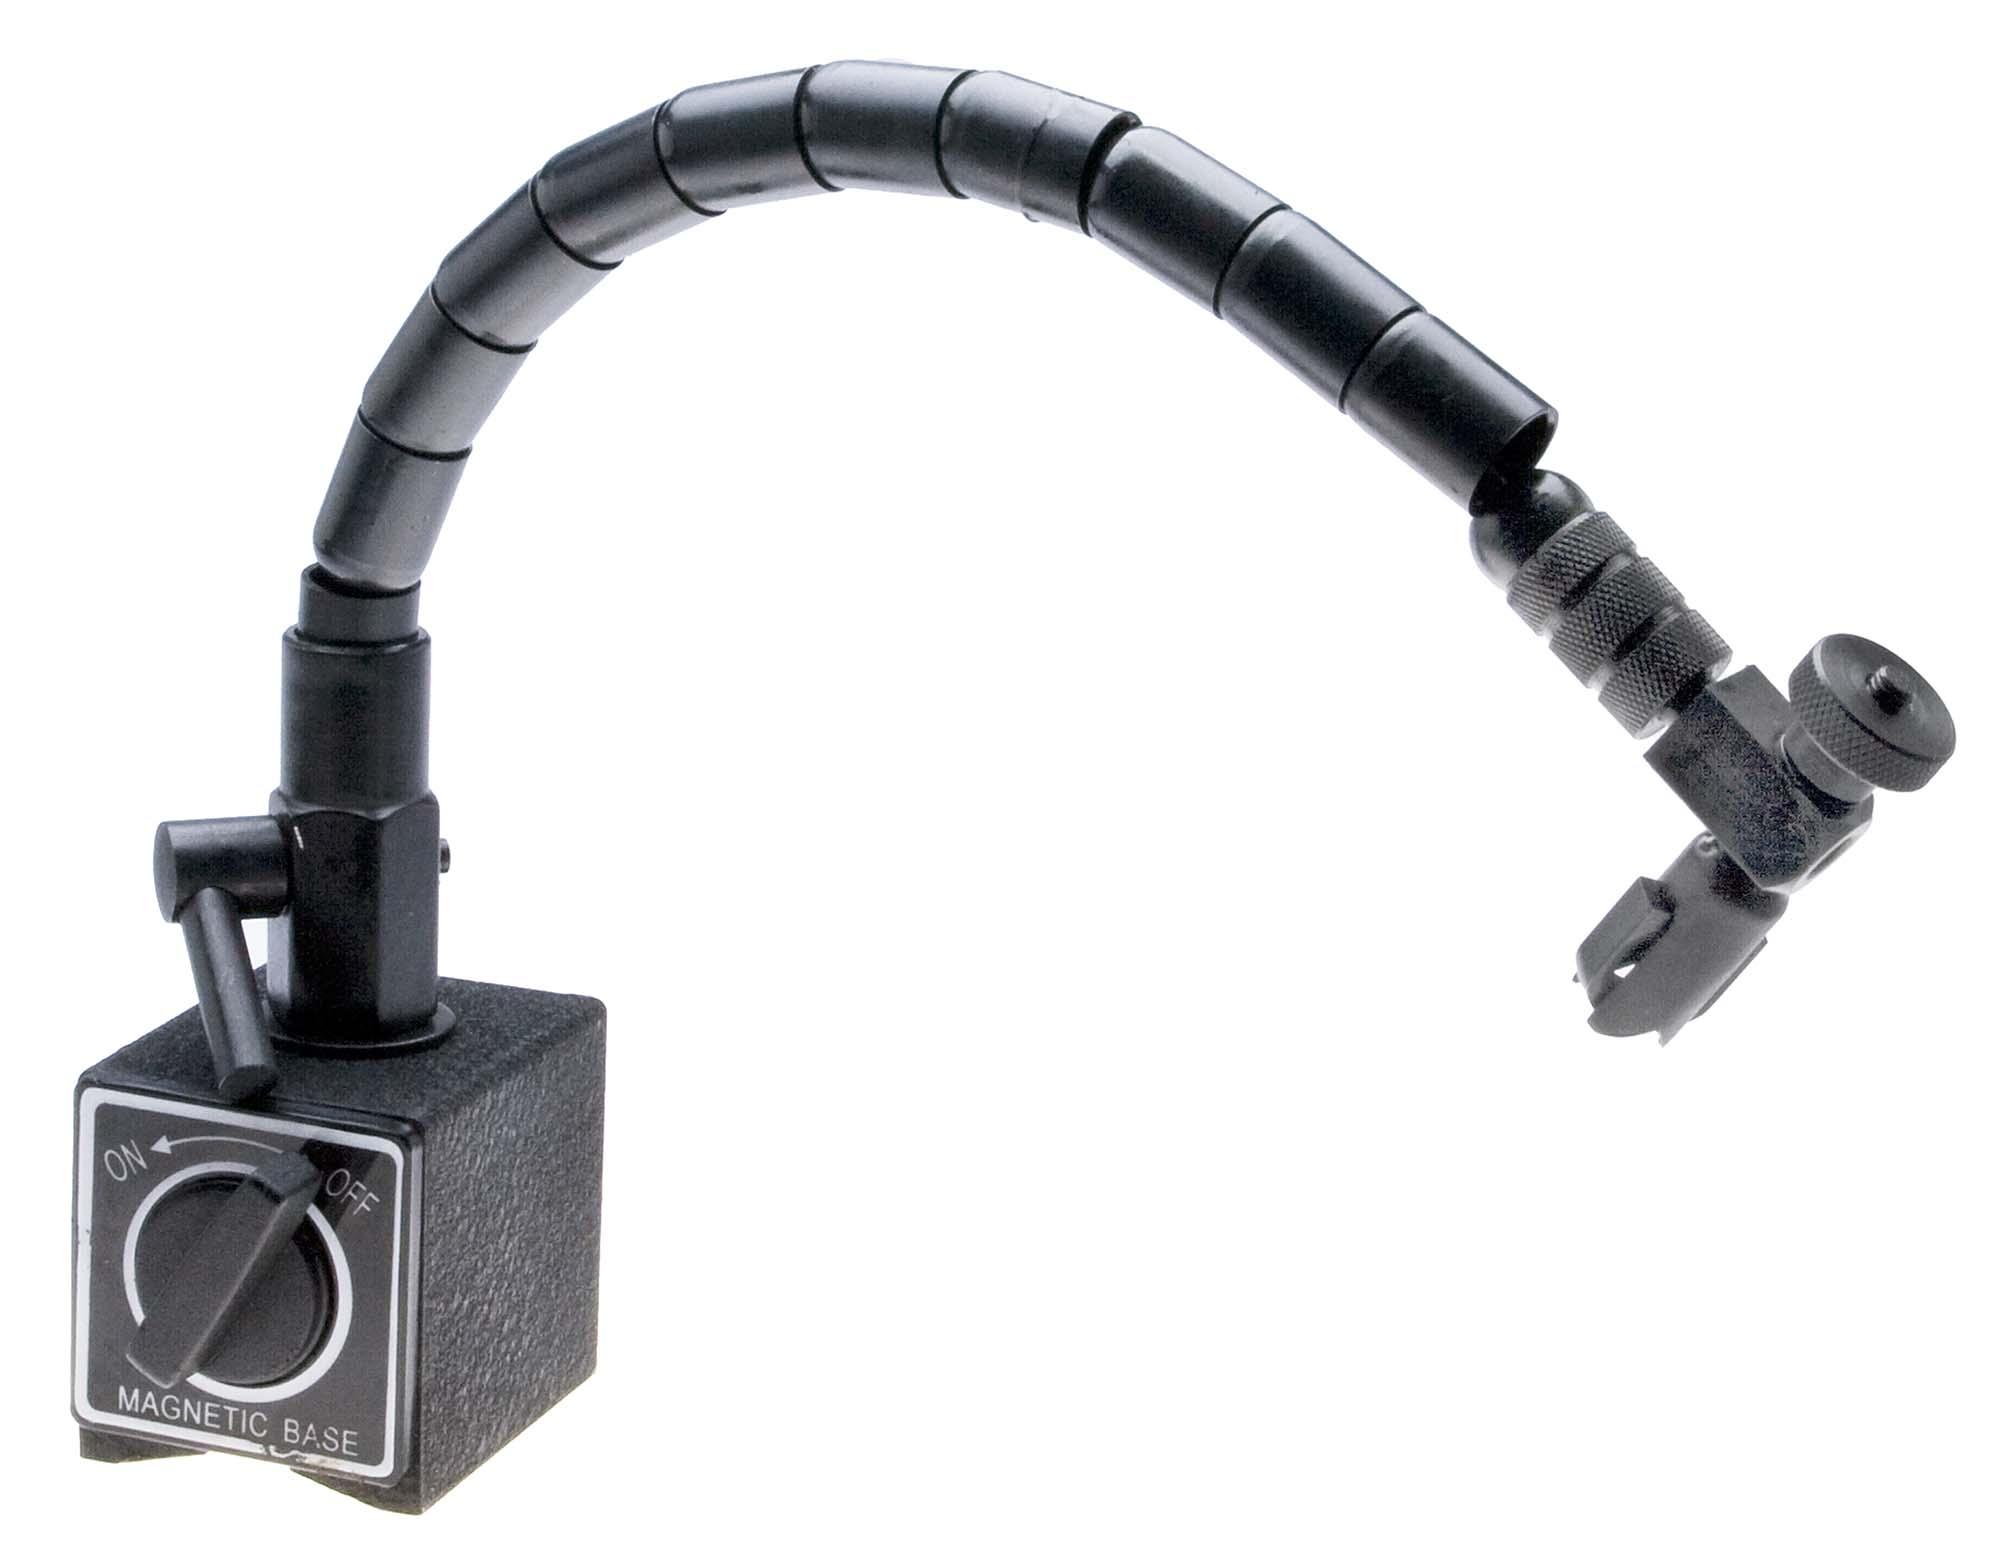 Flexible Magnetic Base